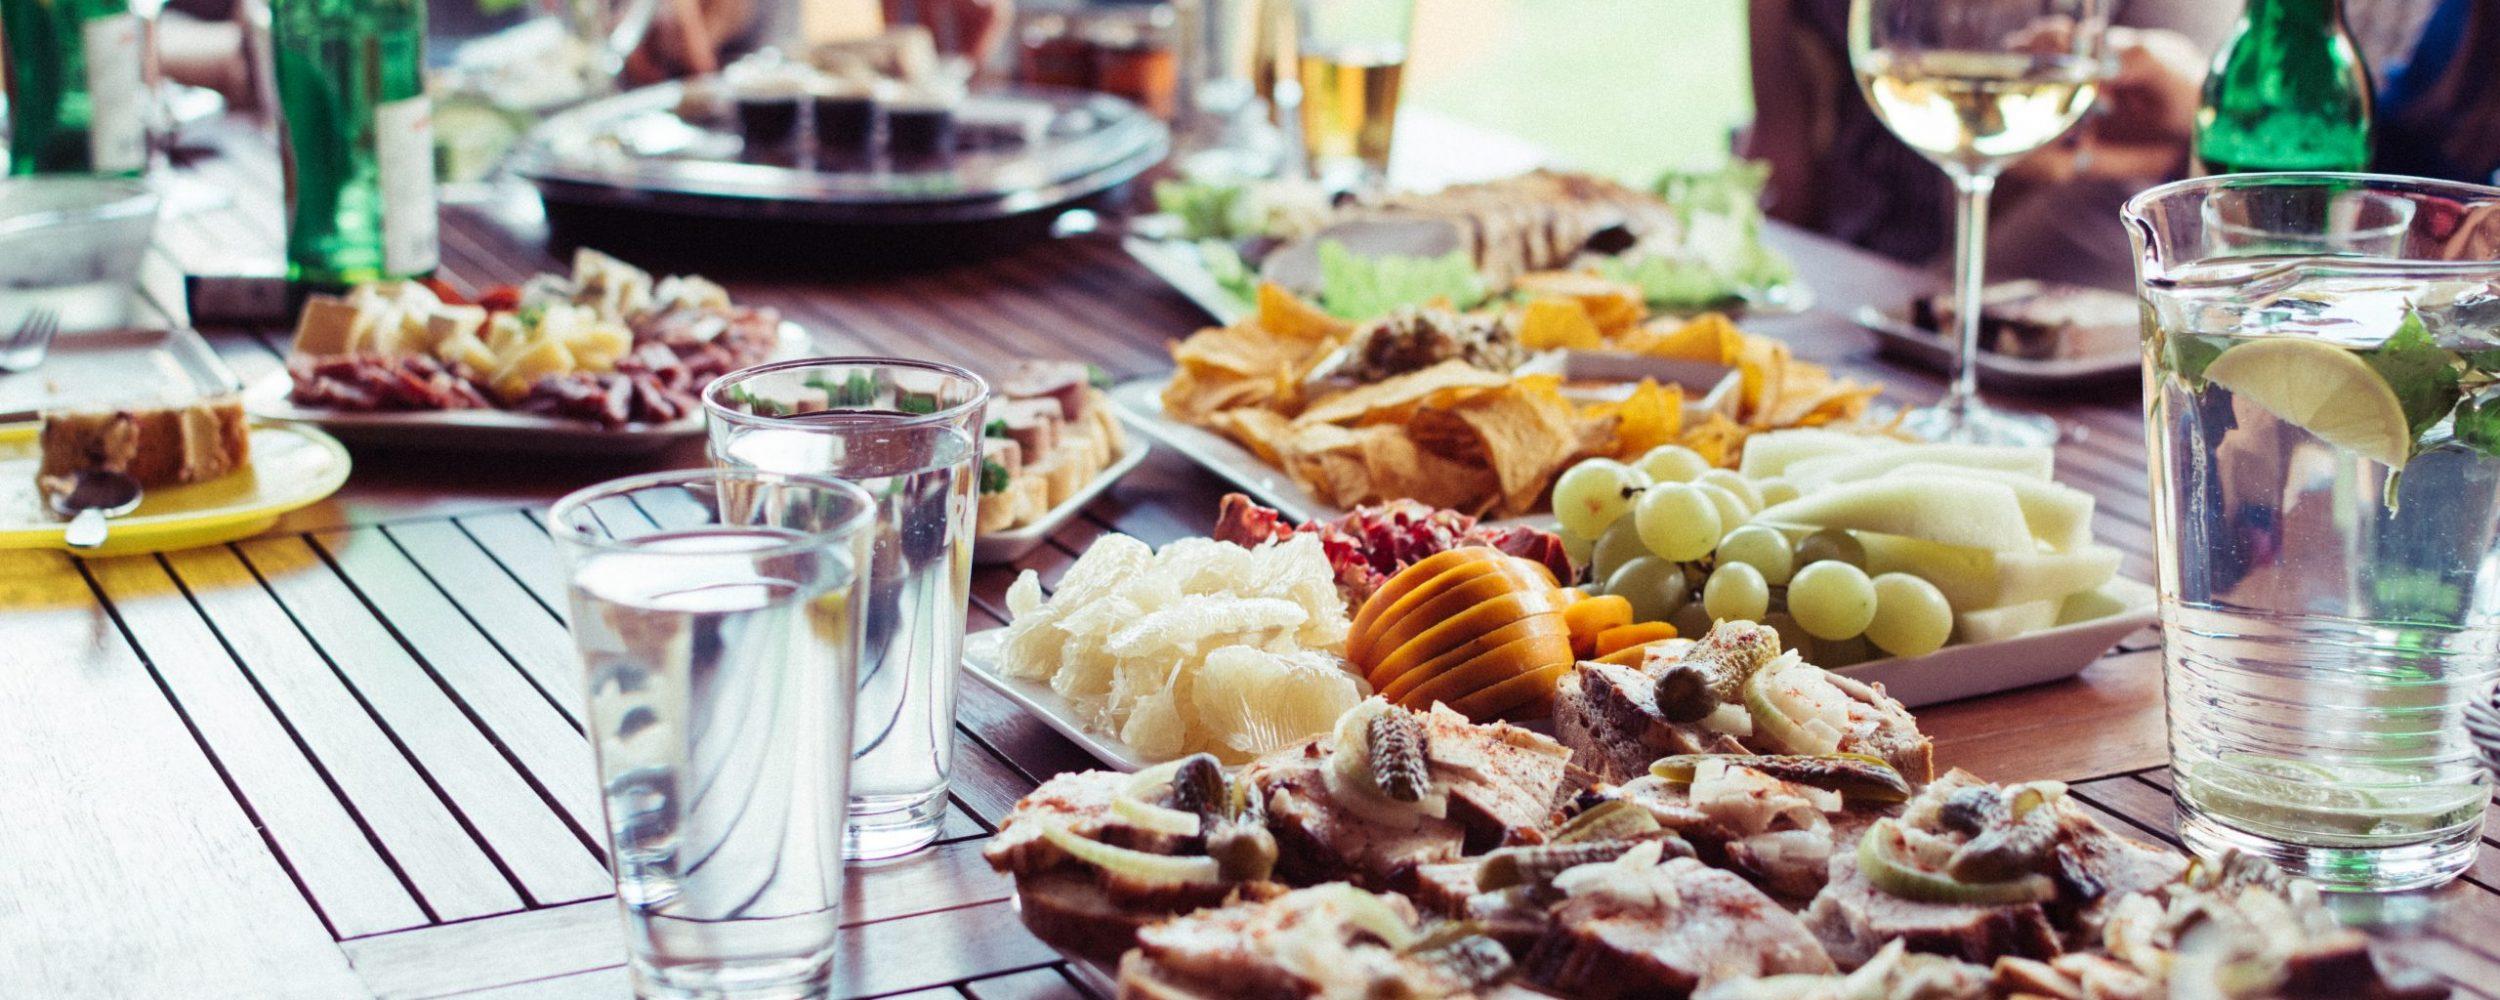 mad-ud-af-huset-catering-fest-selskaber